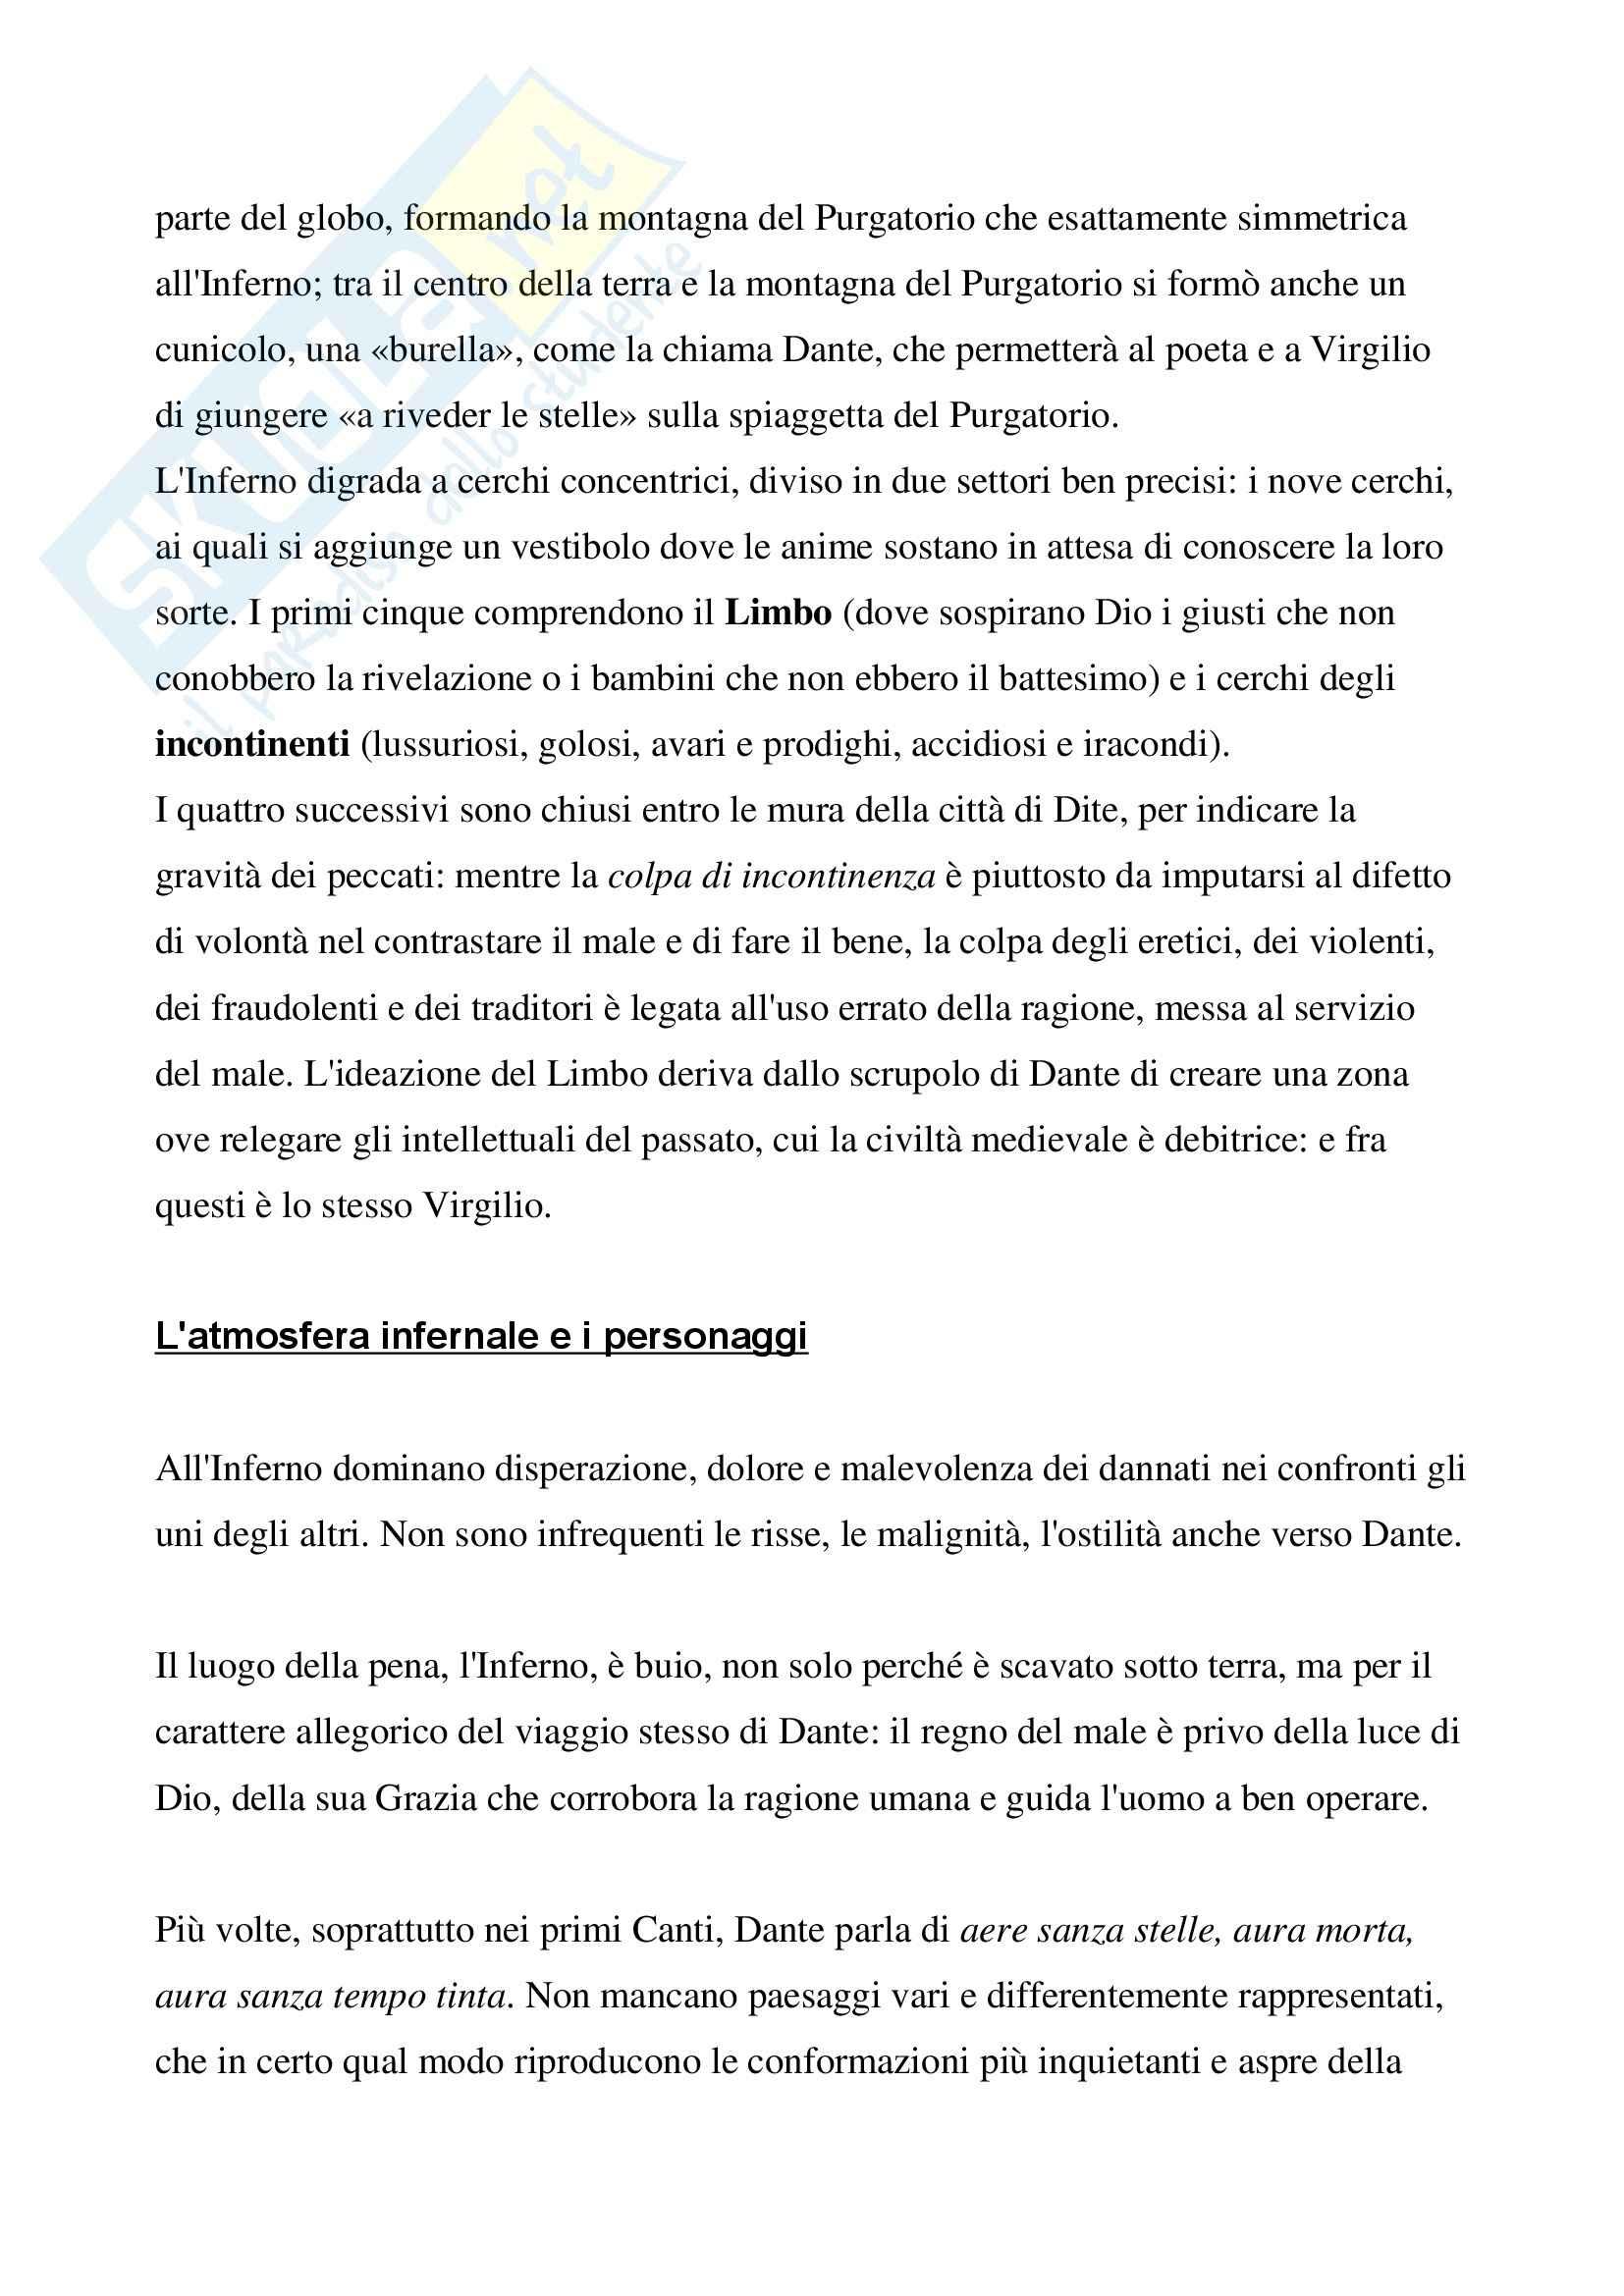 Storia della letteratura - Appunti Pag. 31